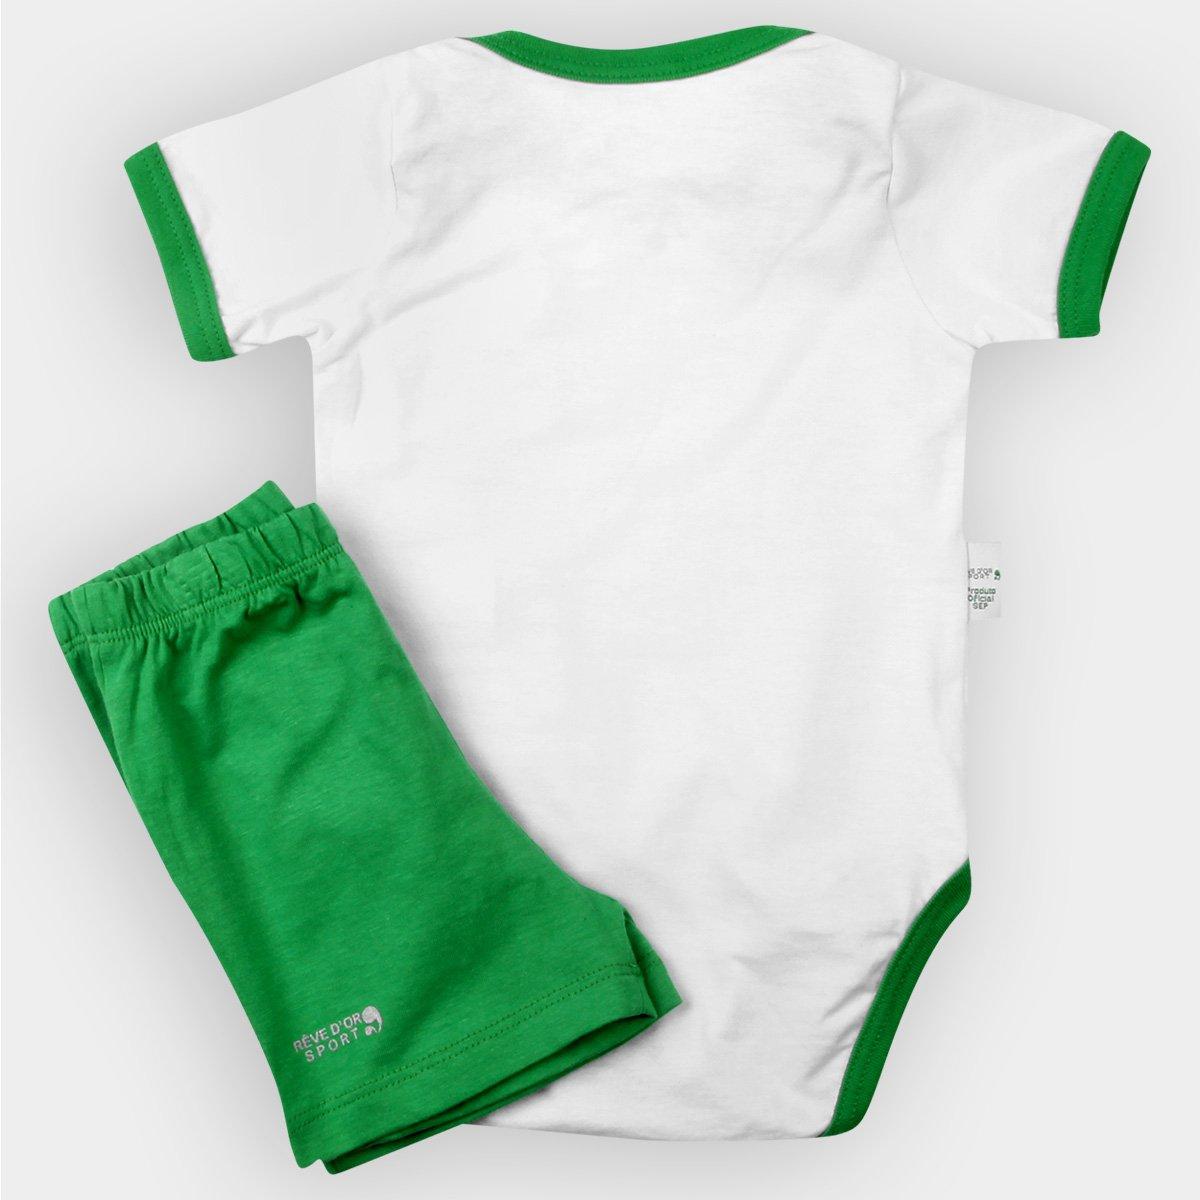 Conjunto Palmeiras Bebê Body Shorts e Meia - Verde e Branco - Compre ... 7ad643a11dbc2